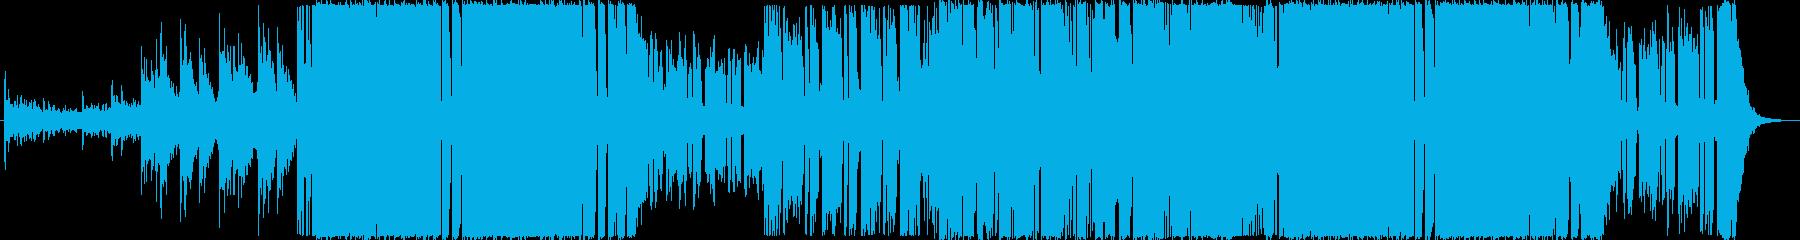 ロック・ギターステップ風楽曲の再生済みの波形